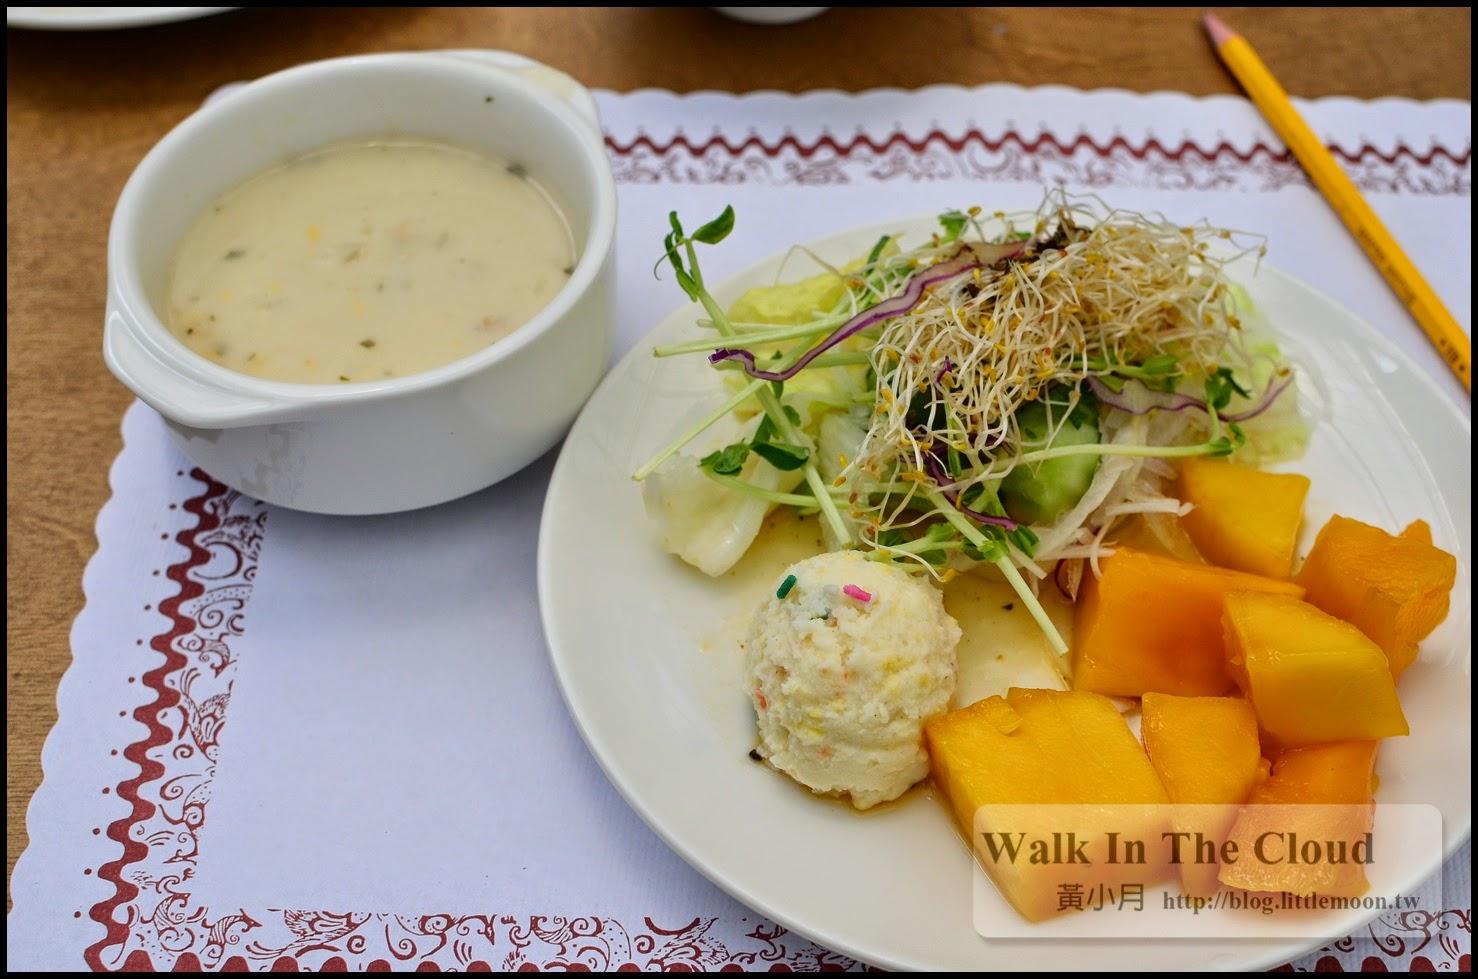 濃湯與芒果沙拉大餐